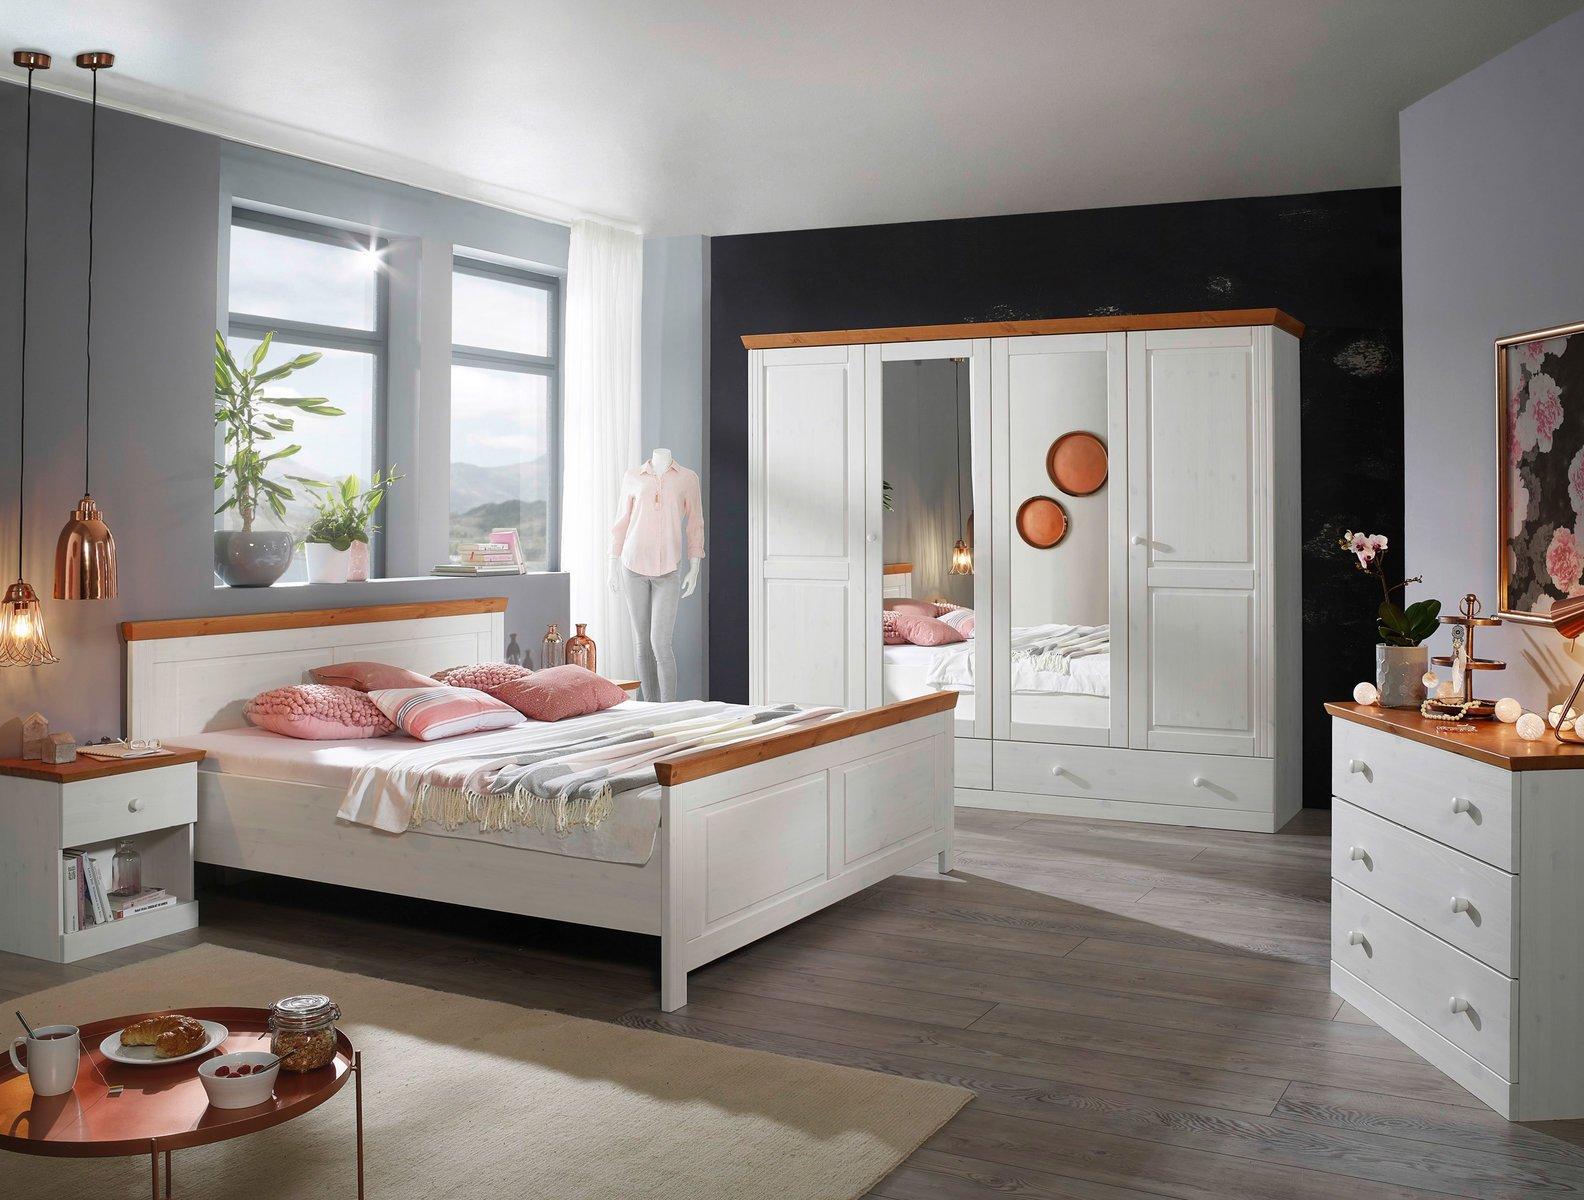 Schlafzimmer Landhausstil Kiefer Ideen Milt S Dekor